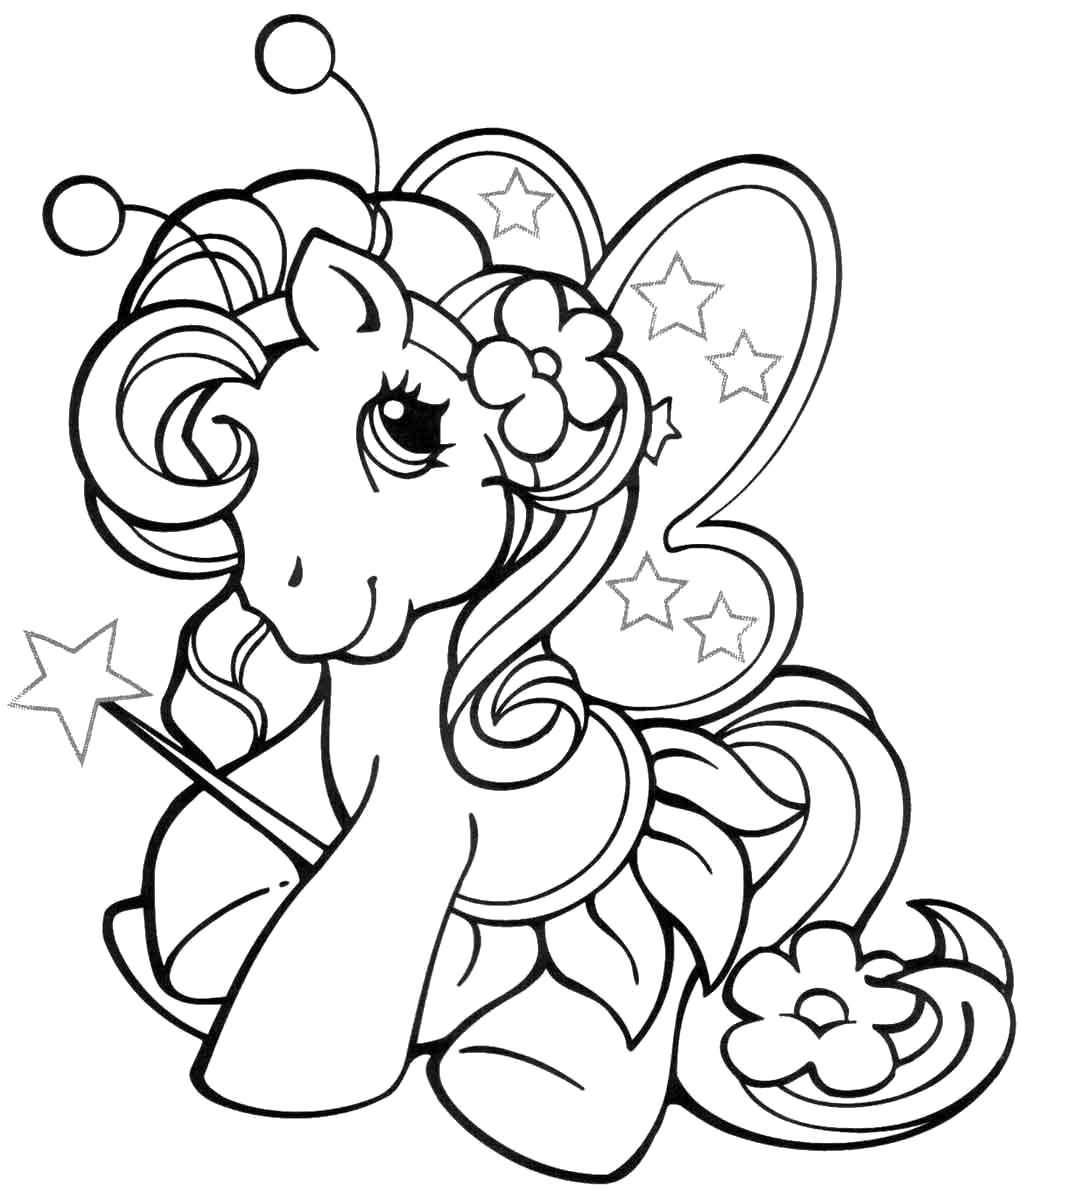 Раскраска милая пони с крылышками. Скачать пони.  Распечатать пони